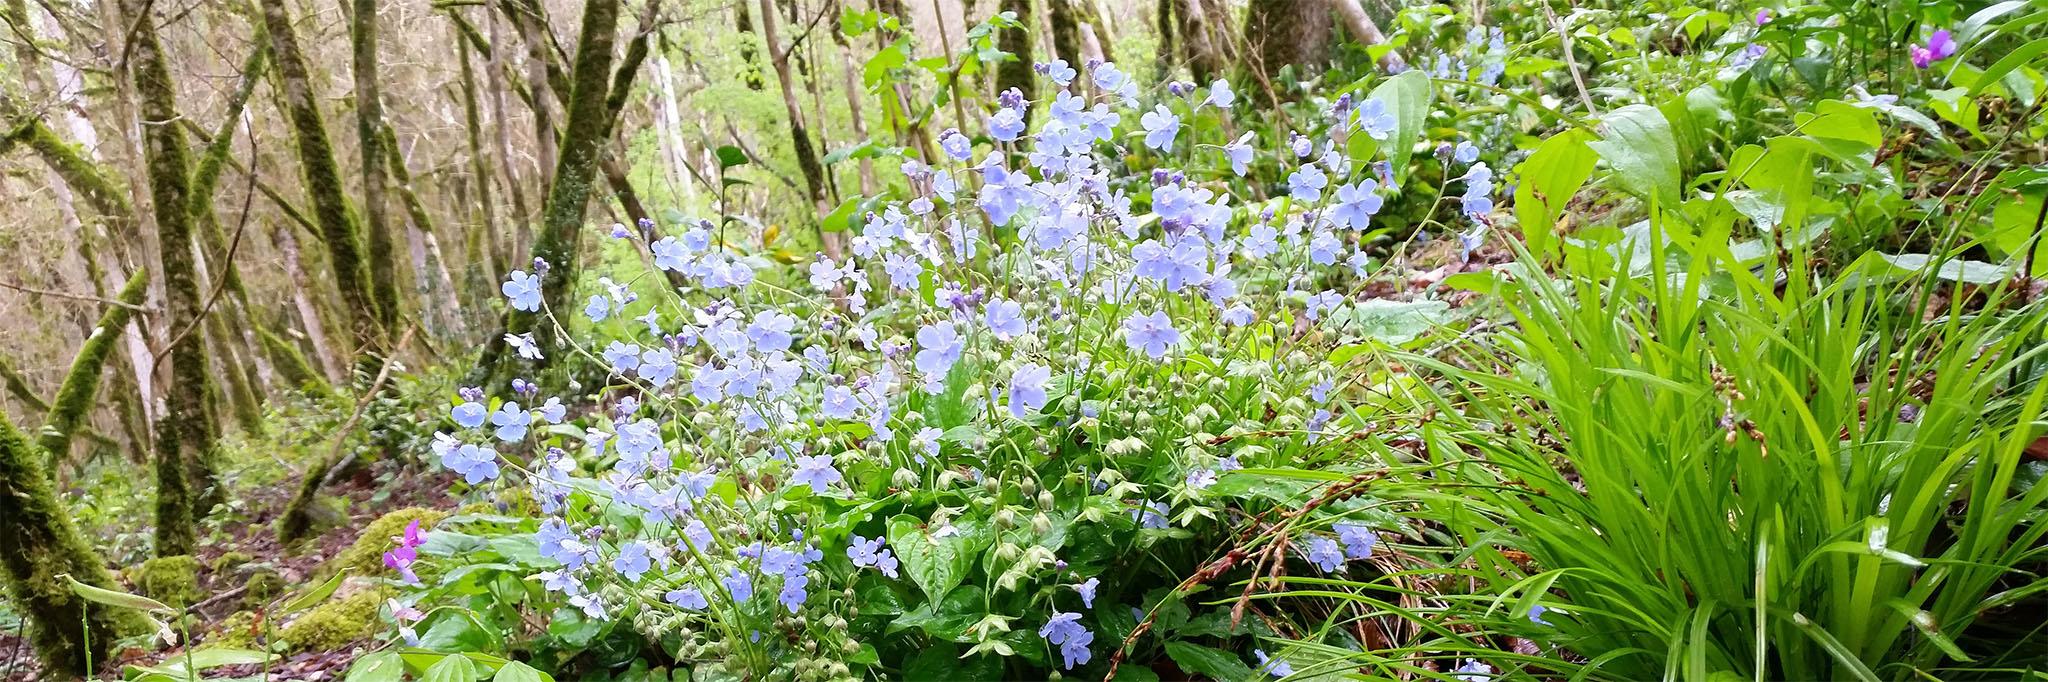 Тисо-самшитовая роща в Сочи, цветы